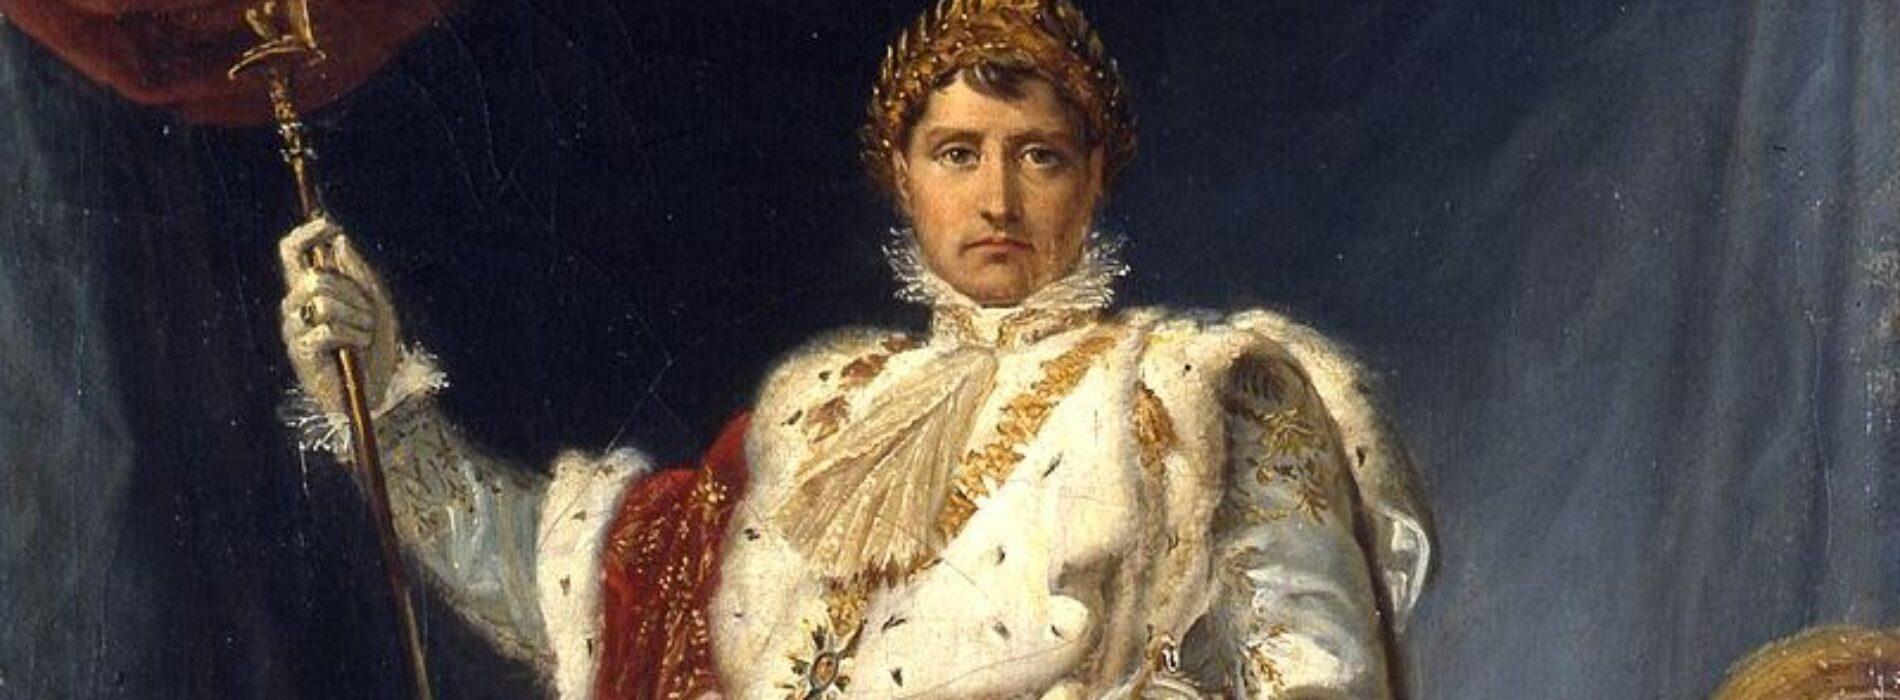 Due secoli dal 5 maggio, segni e api di Napoleone nella Reggia